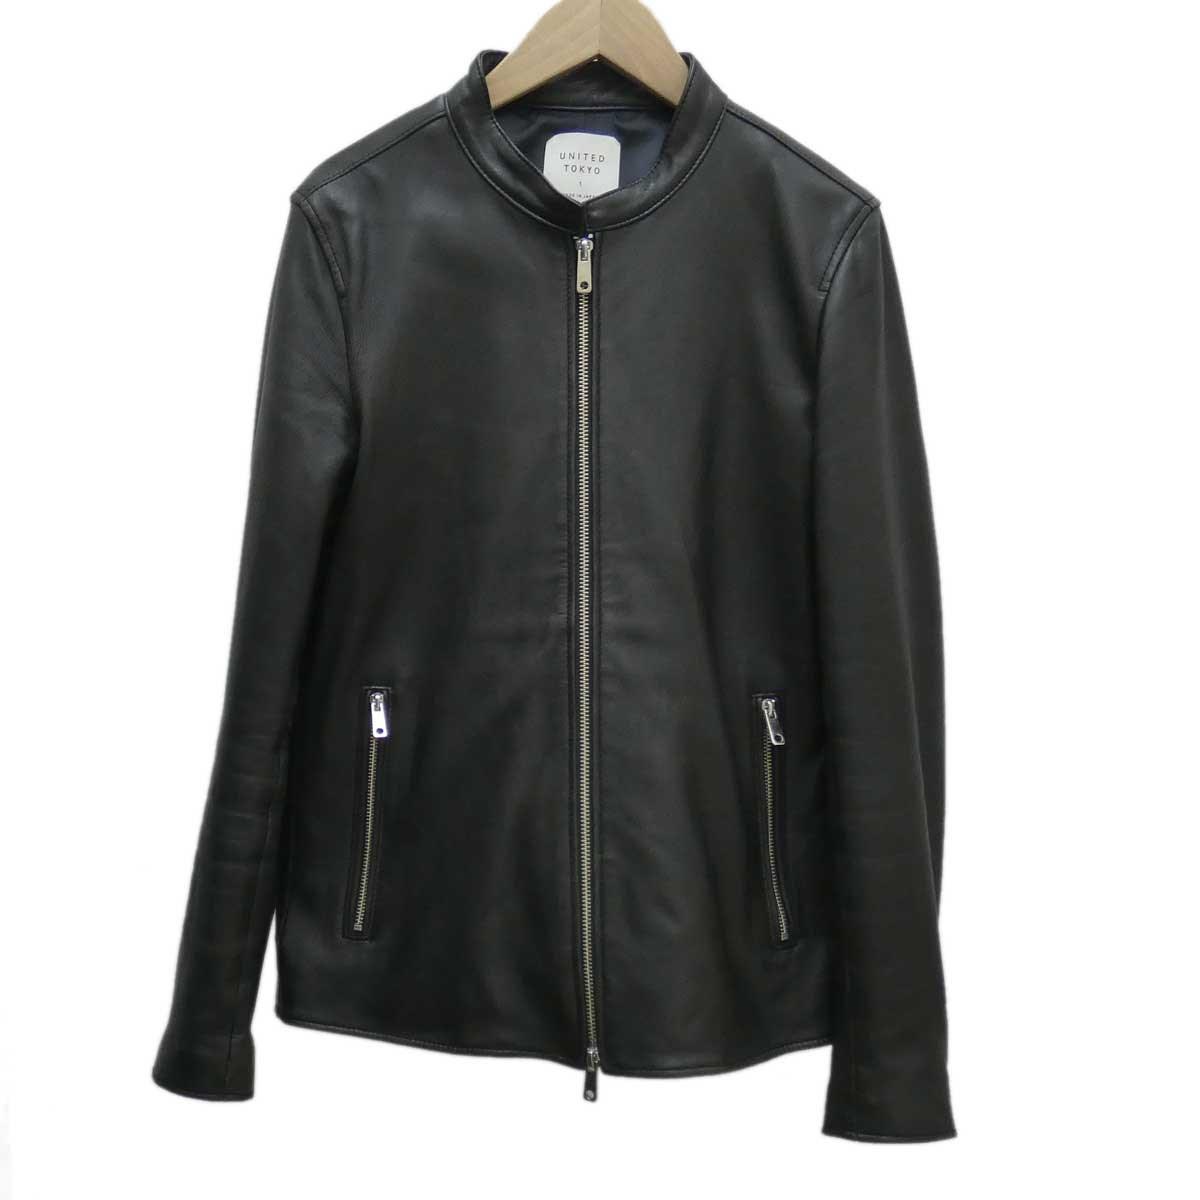 【中古】UNITED TOKYO シングルライダーズジャケット ブラック サイズ:1 【081119】(ユナイテッドトウキョウ)